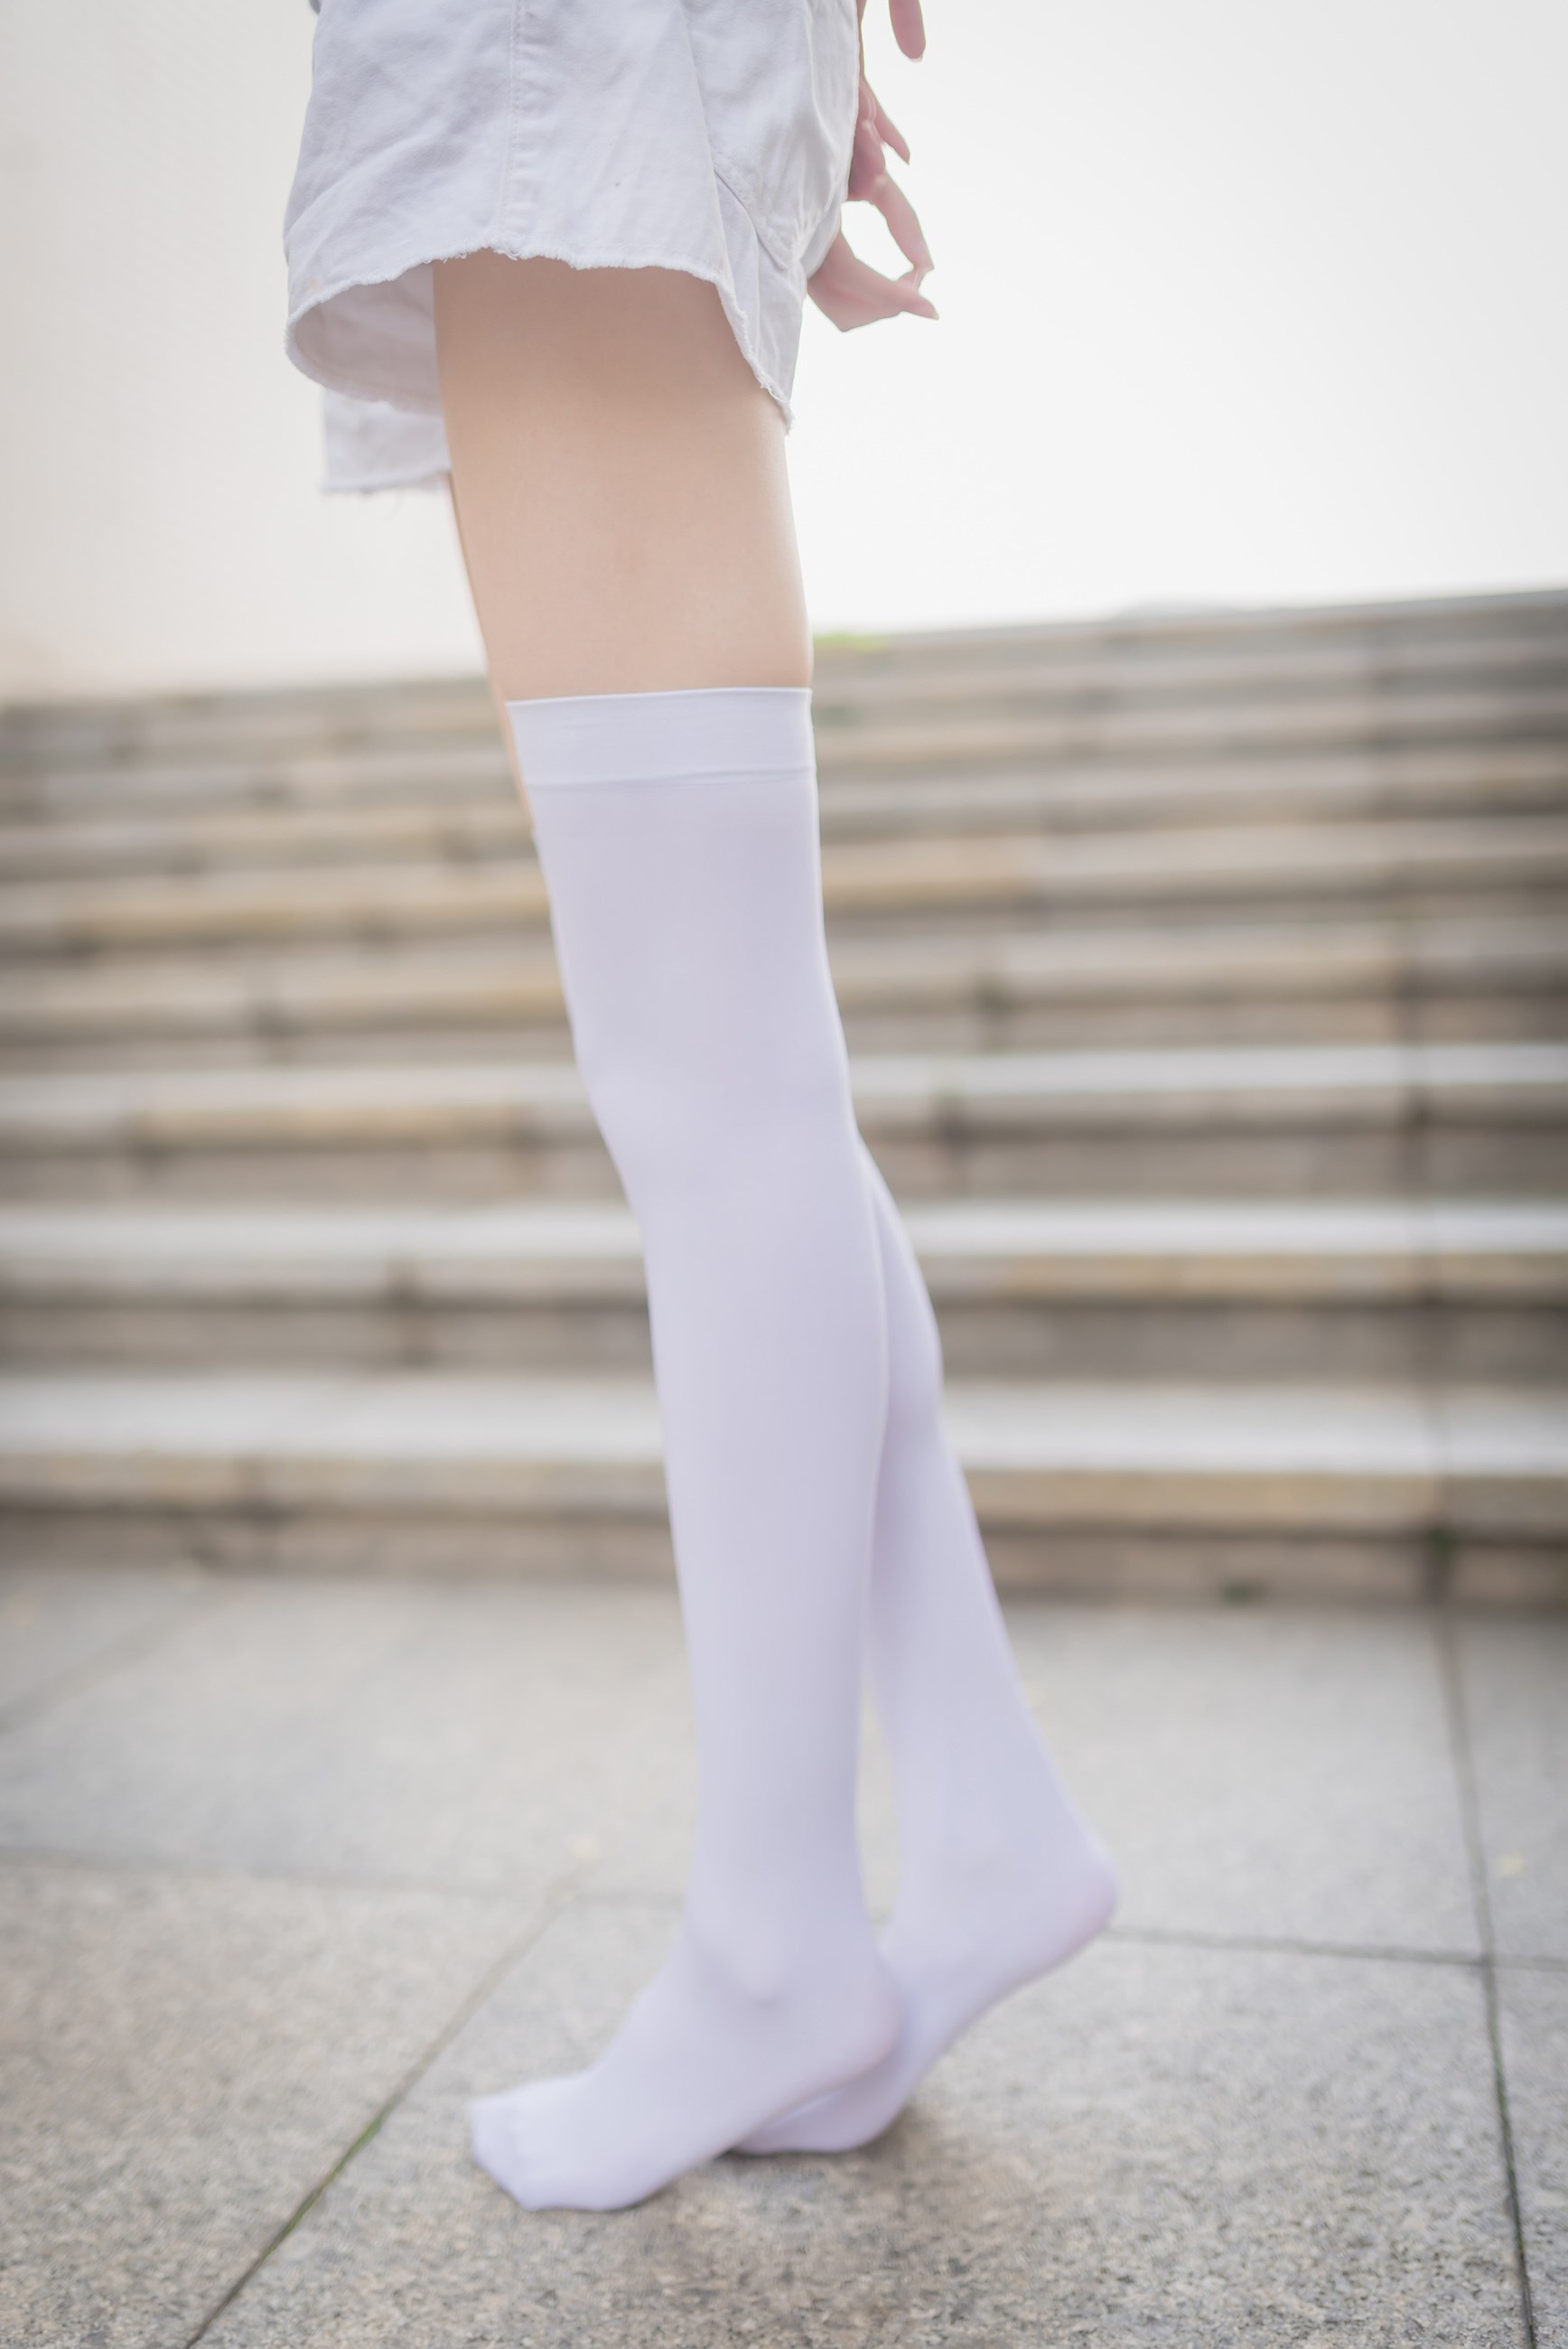 【兔玩映画】白丝过膝袜 兔玩映画 第45张